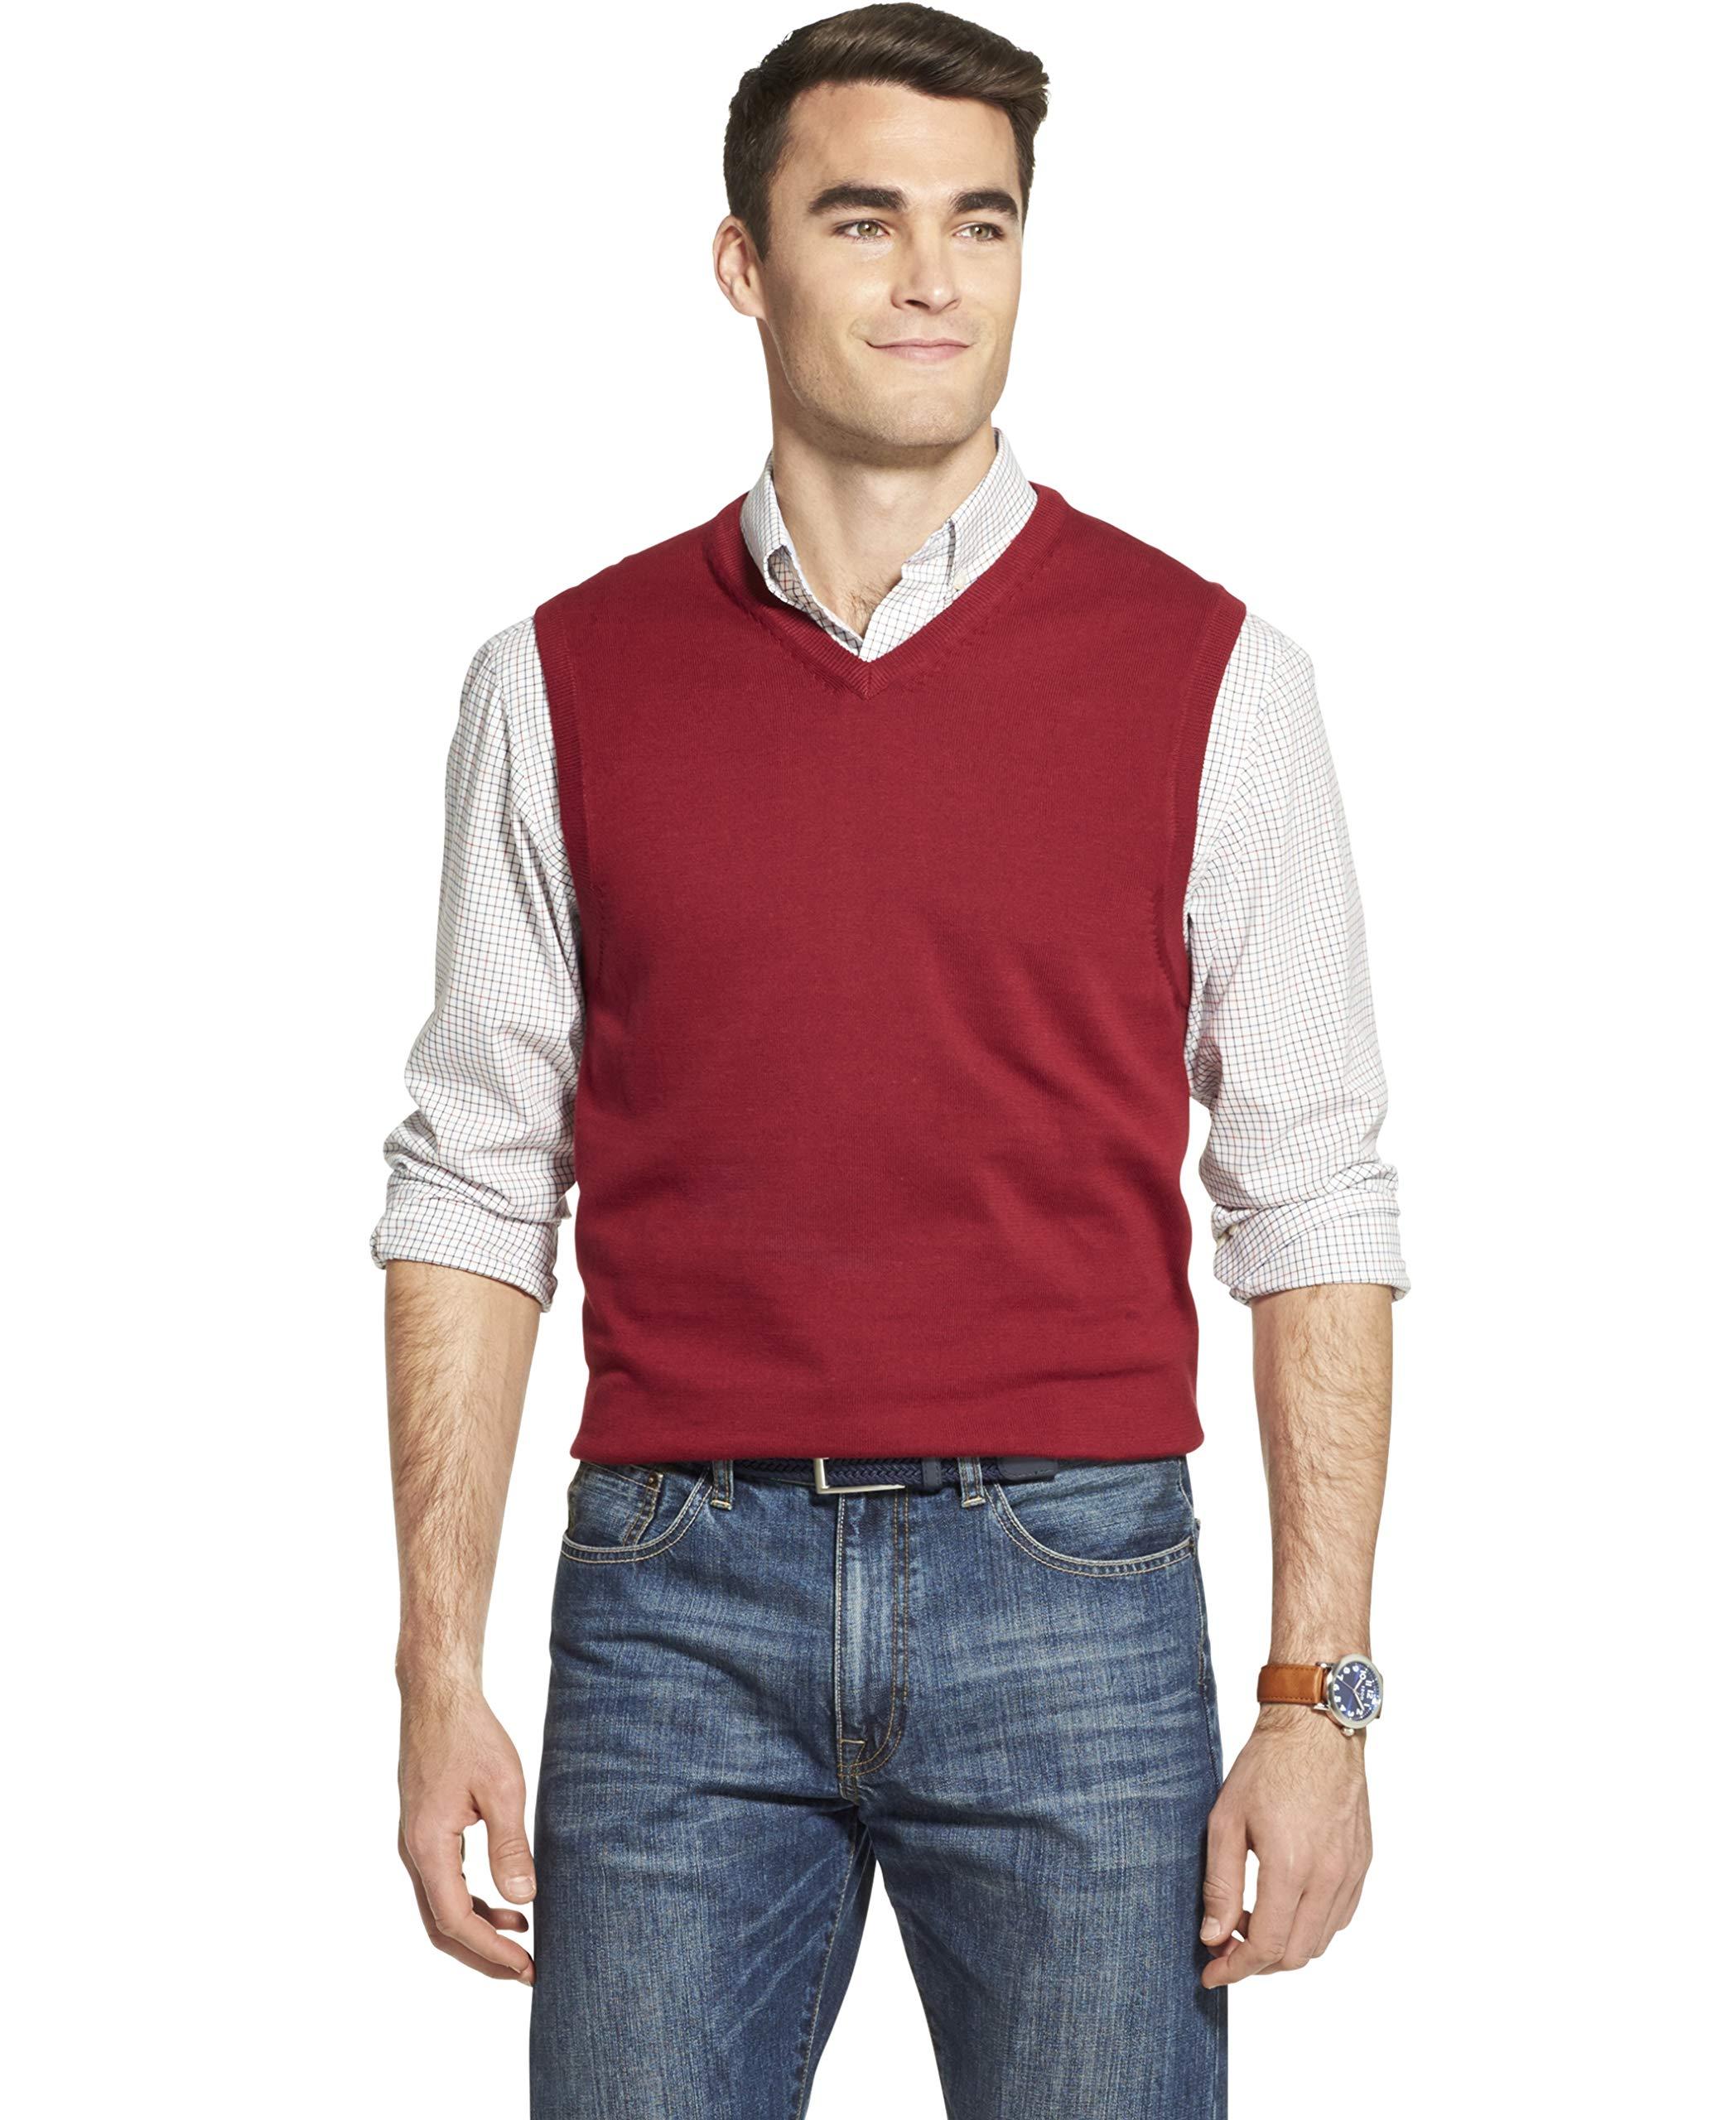 IZOD Men's Premium Essentials Solid V-Neck 12 Gauge Sweater Vest, BIKING RED, Small by IZOD